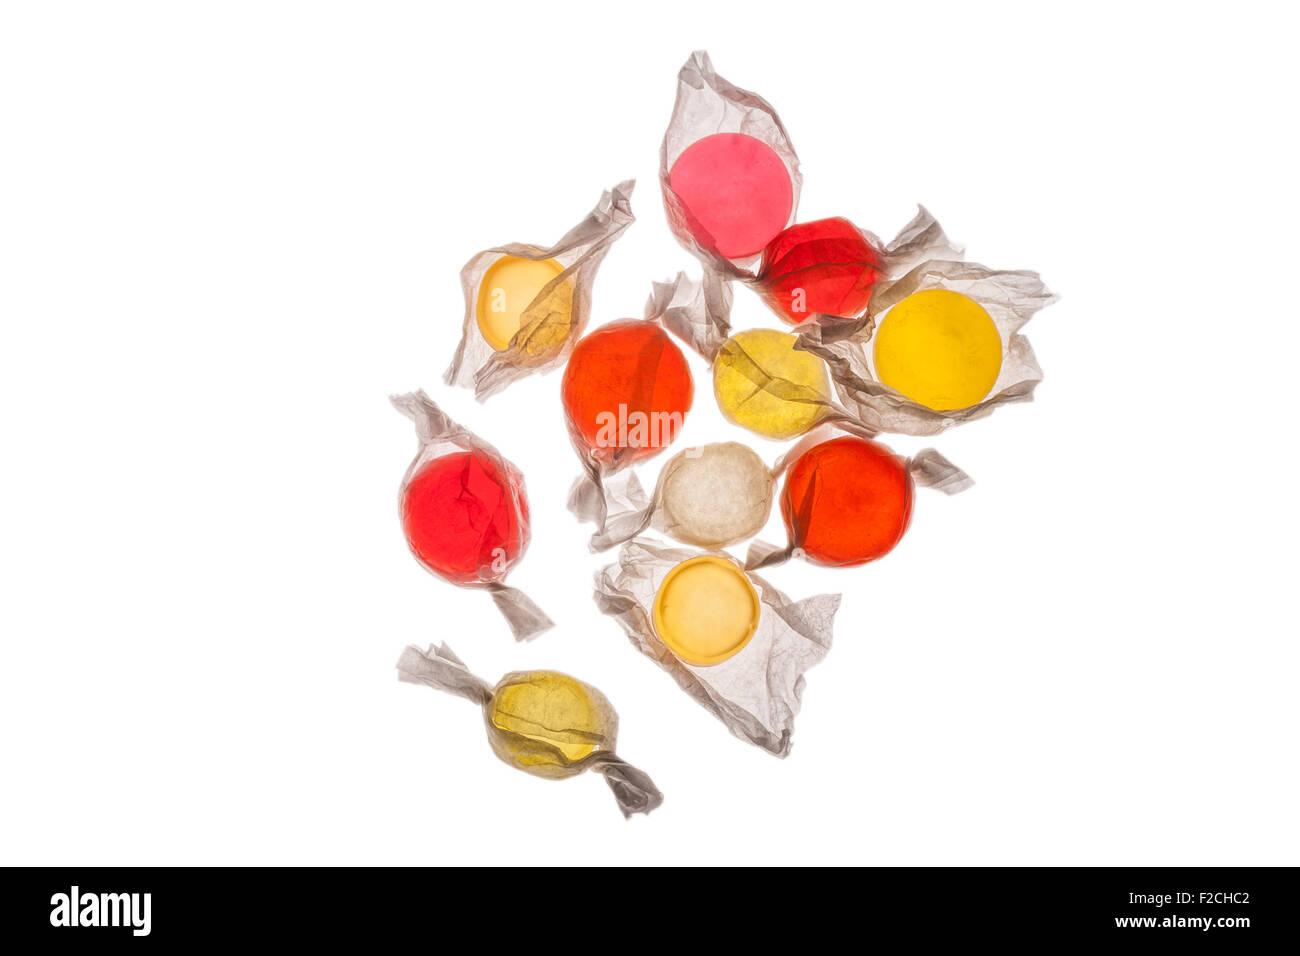 Vue supérieure de l'orange, jaune, rouge, rose bonbon dans enrubanneurs sur table lumineuse Banque D'Images